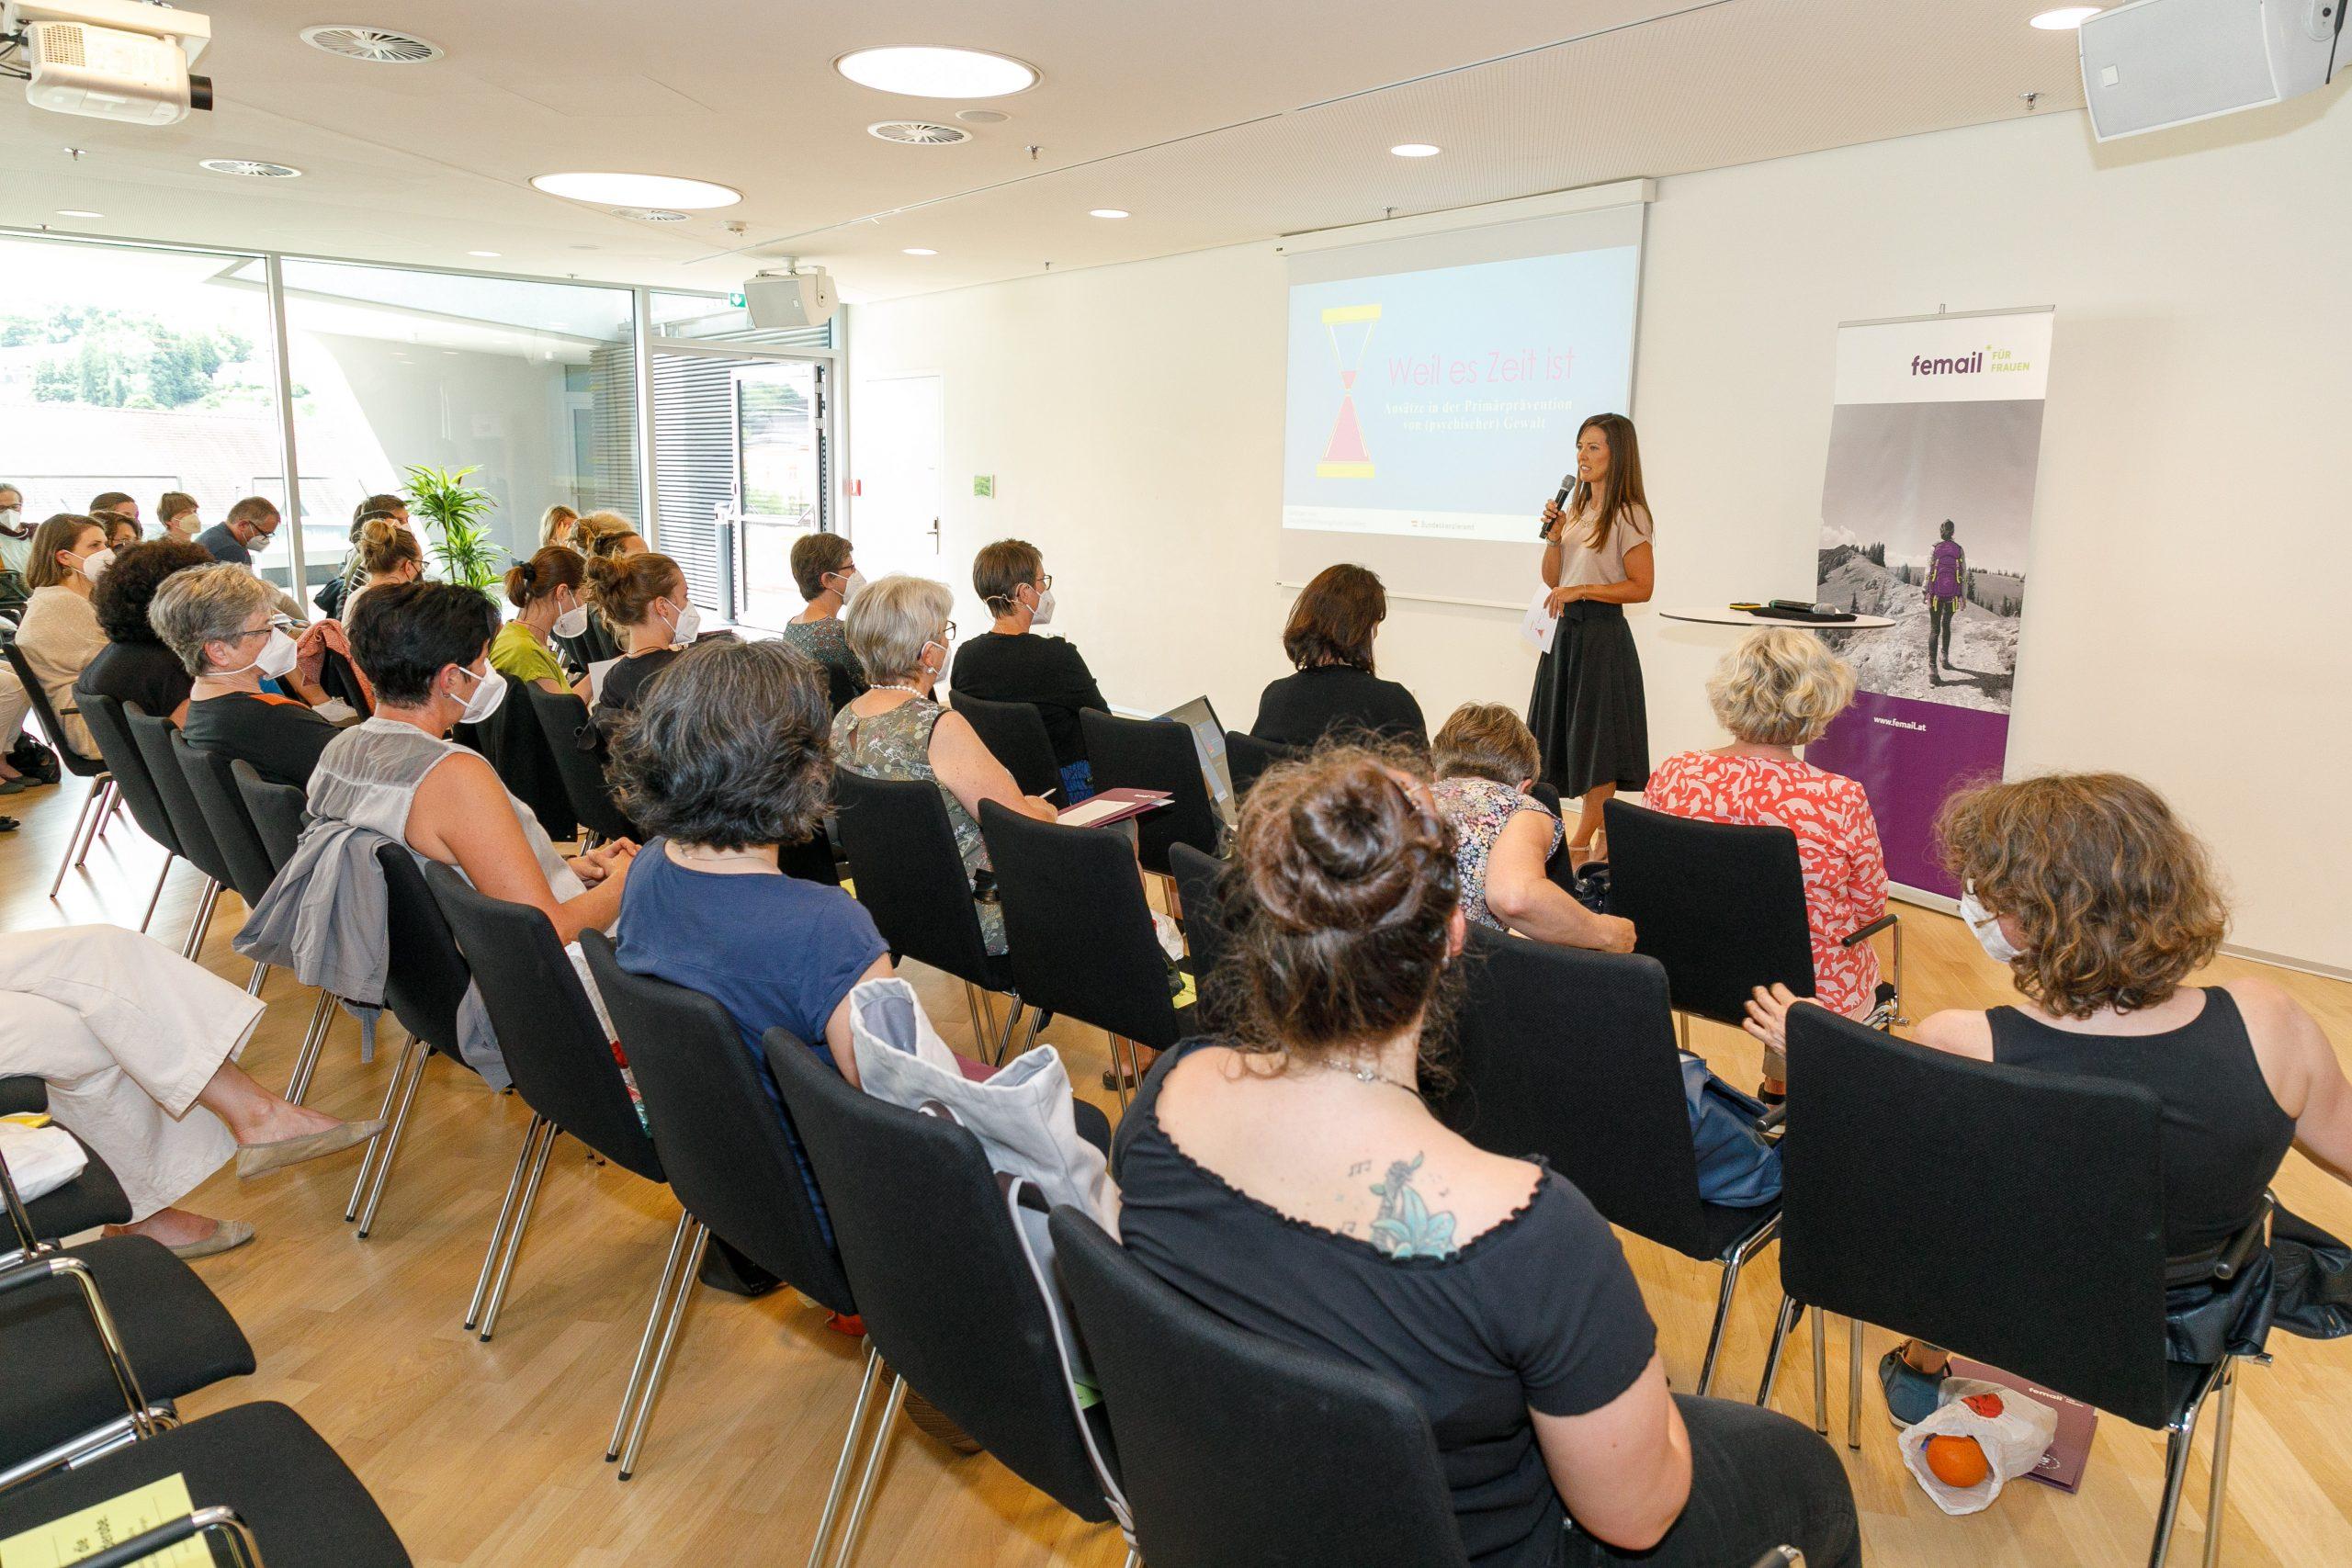 Femail: Wie kann (psychische) Gewalt verhindert werden? – Fachveranstaltung diskutiert Präventionsansätze